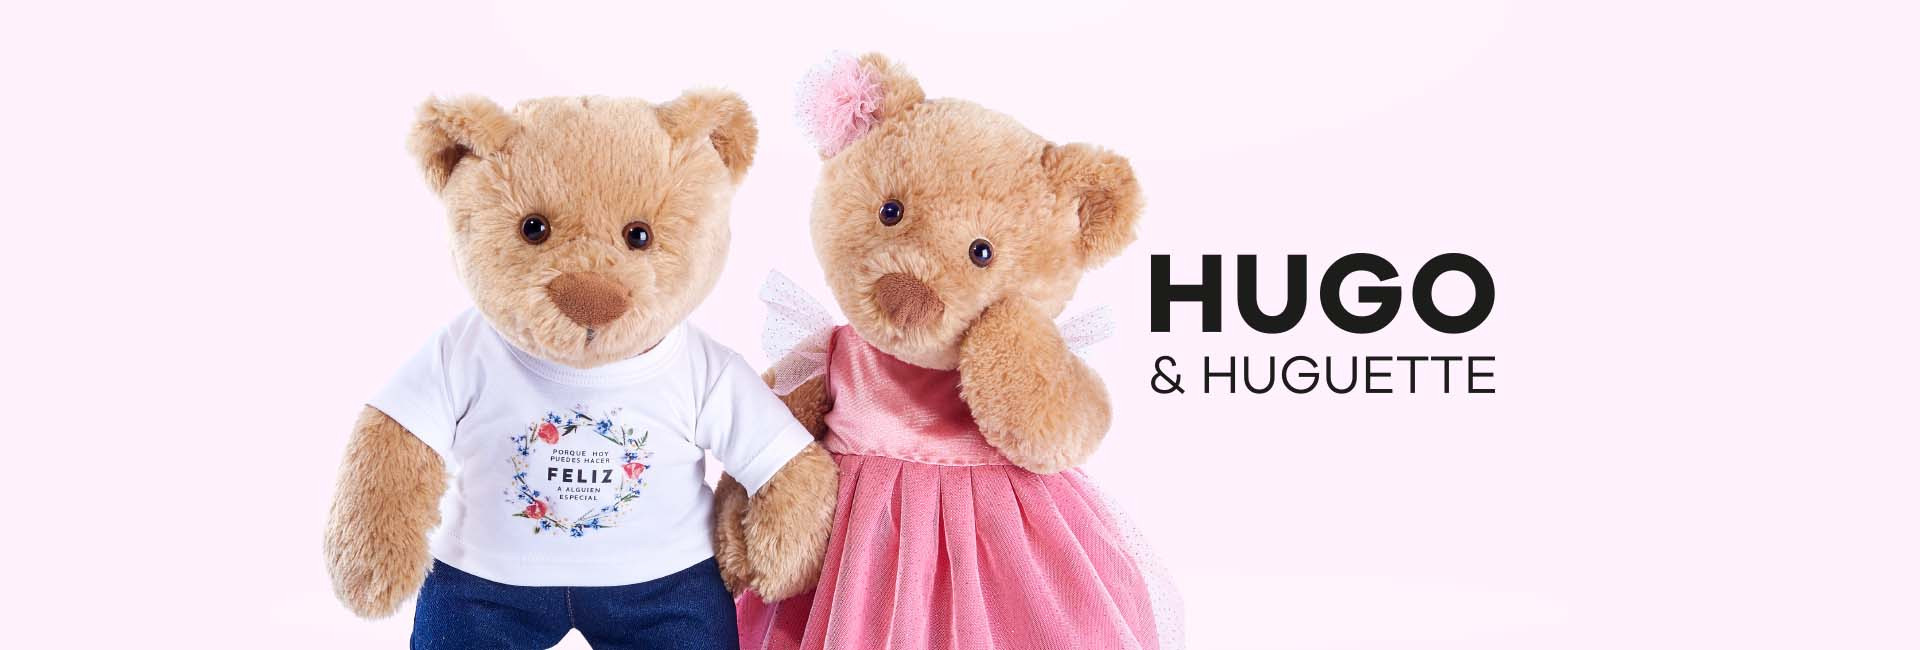 Hugo & Huguette